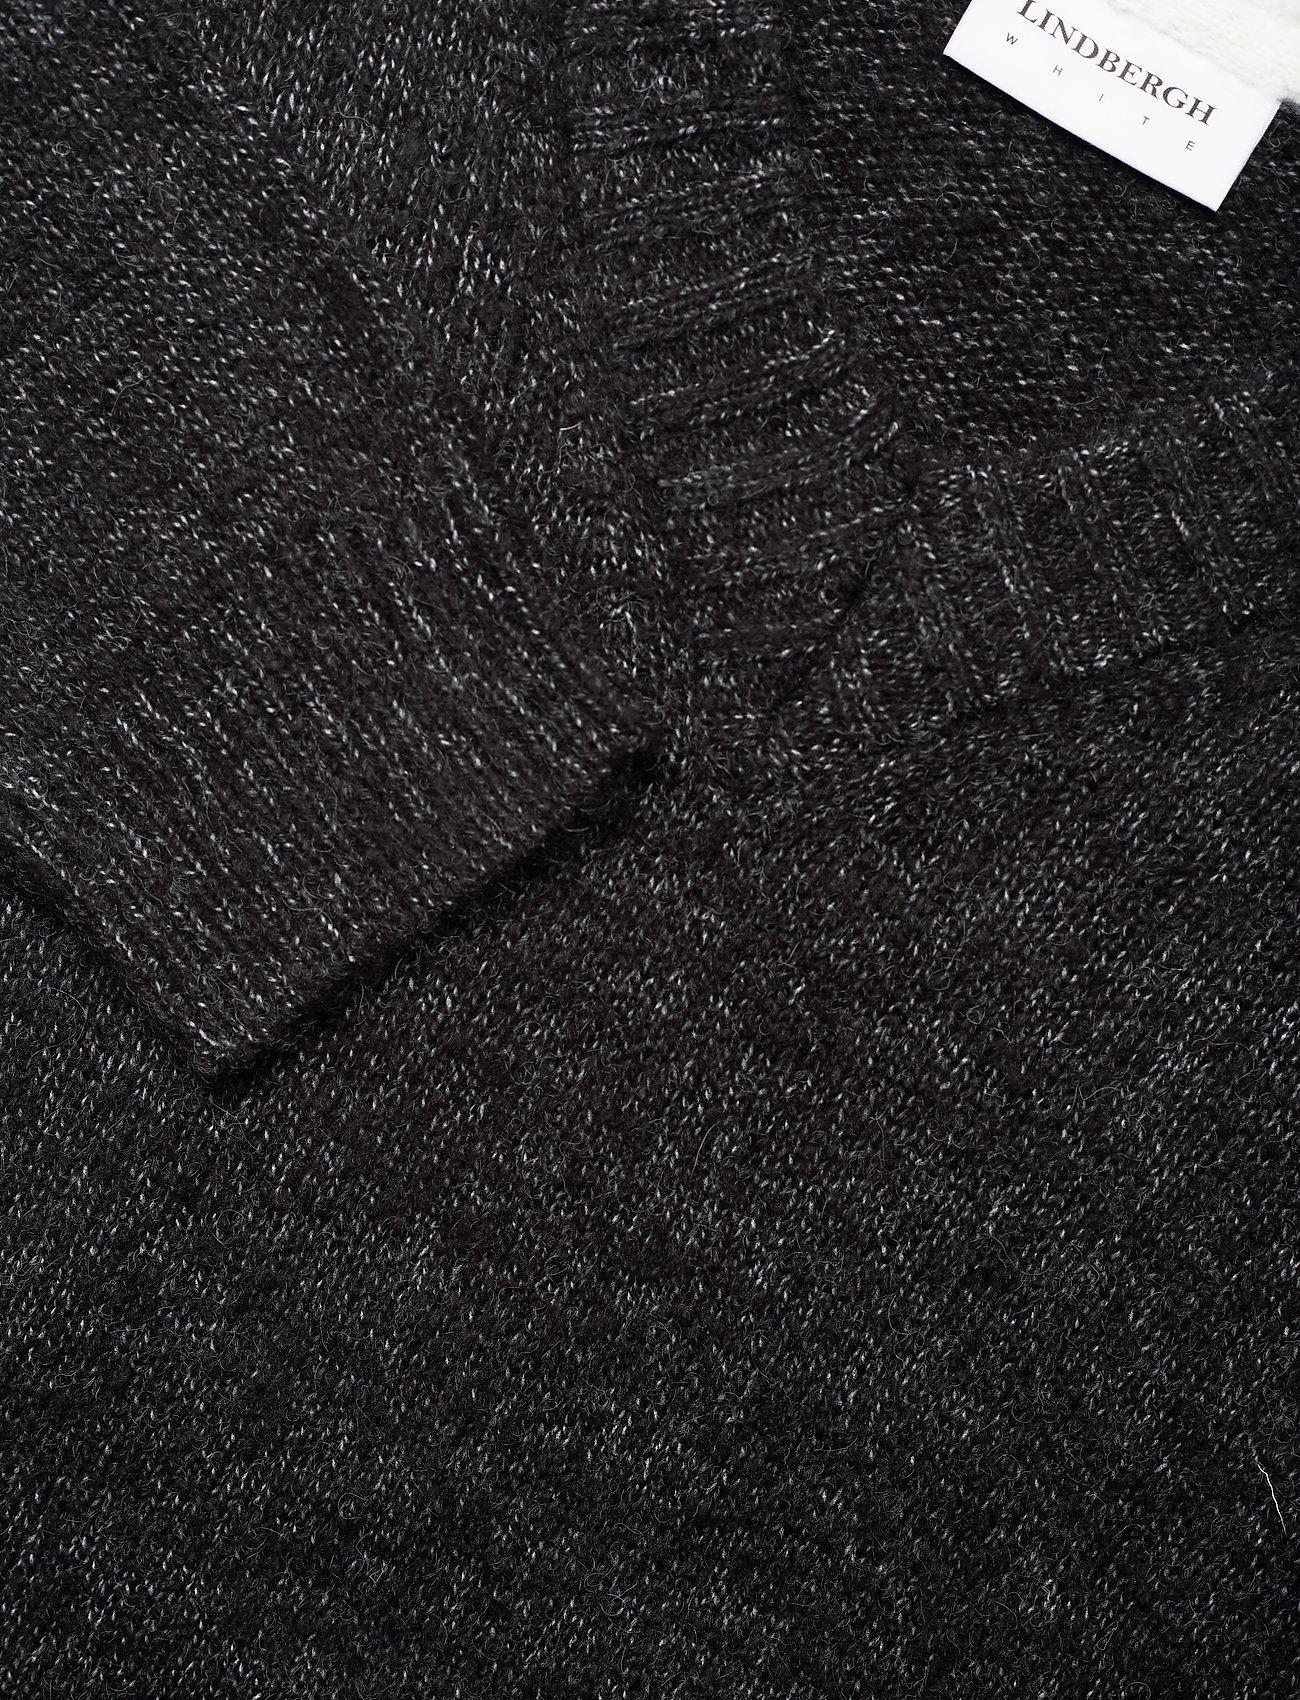 Contrast Melange Knit V-neck (Black Mel) (59.95 €) - Lindbergh gyQI6